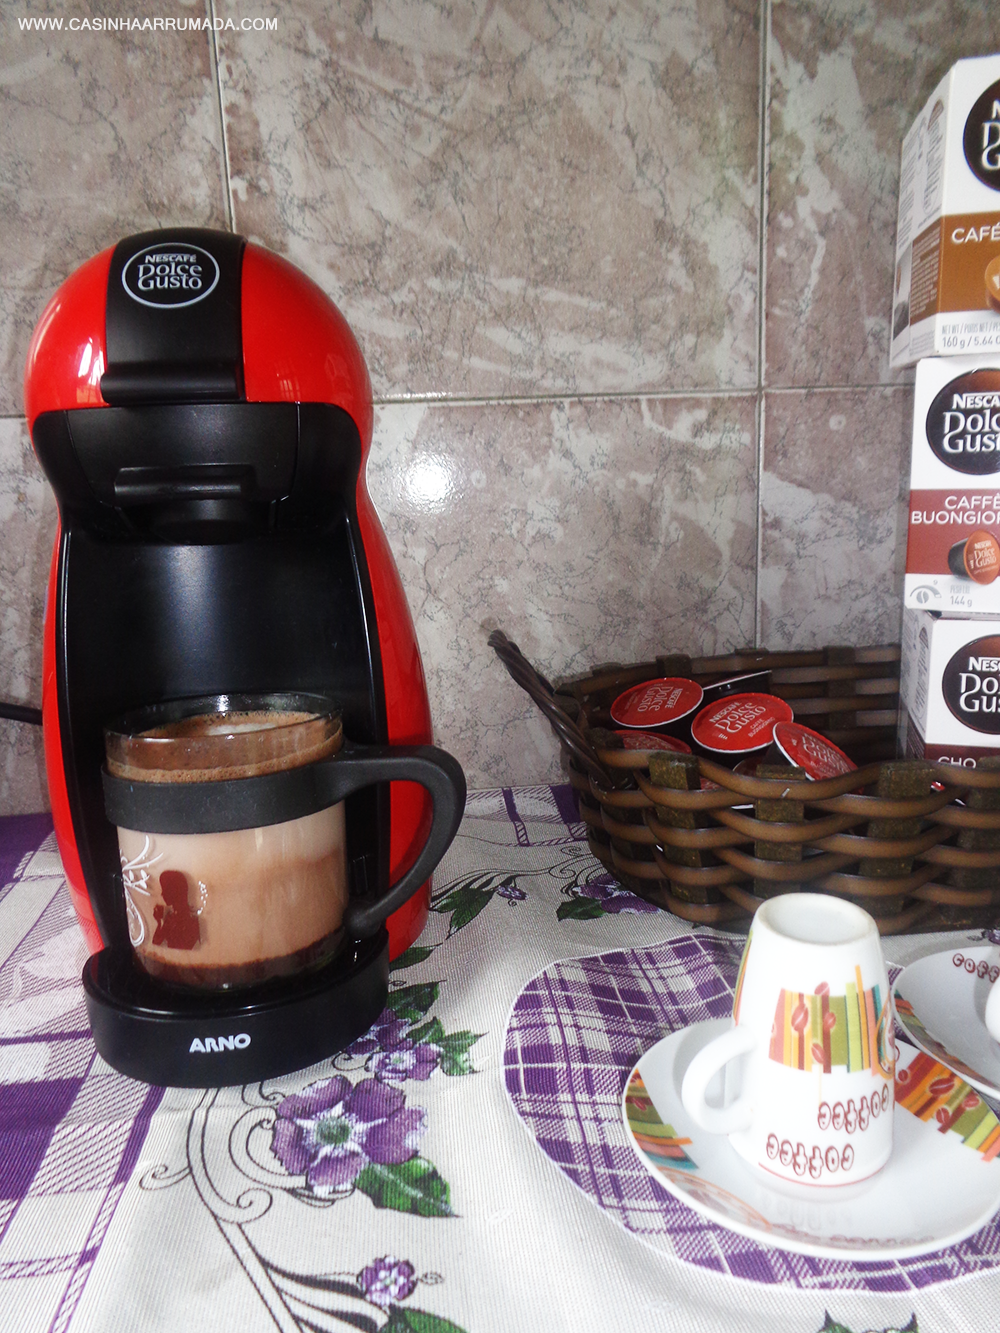 Cantinho do Café em casa + minha cafeteira Dolce Gusto 6